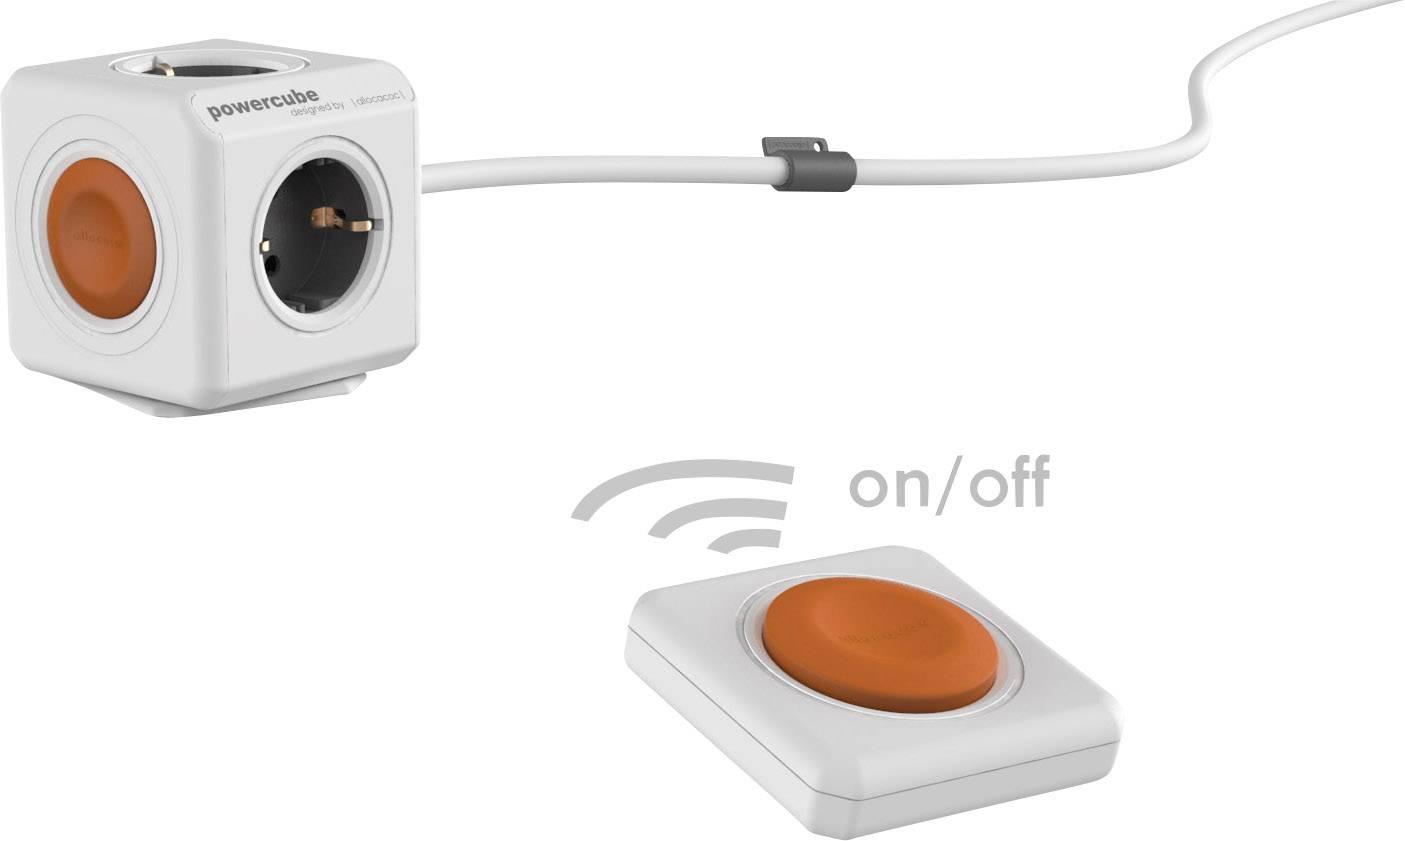 Stolová zástrčková kocka s diaľk.ovládačom Segula Powercube Extended Remote Set 50430, 1.50 m, biela, oranžová